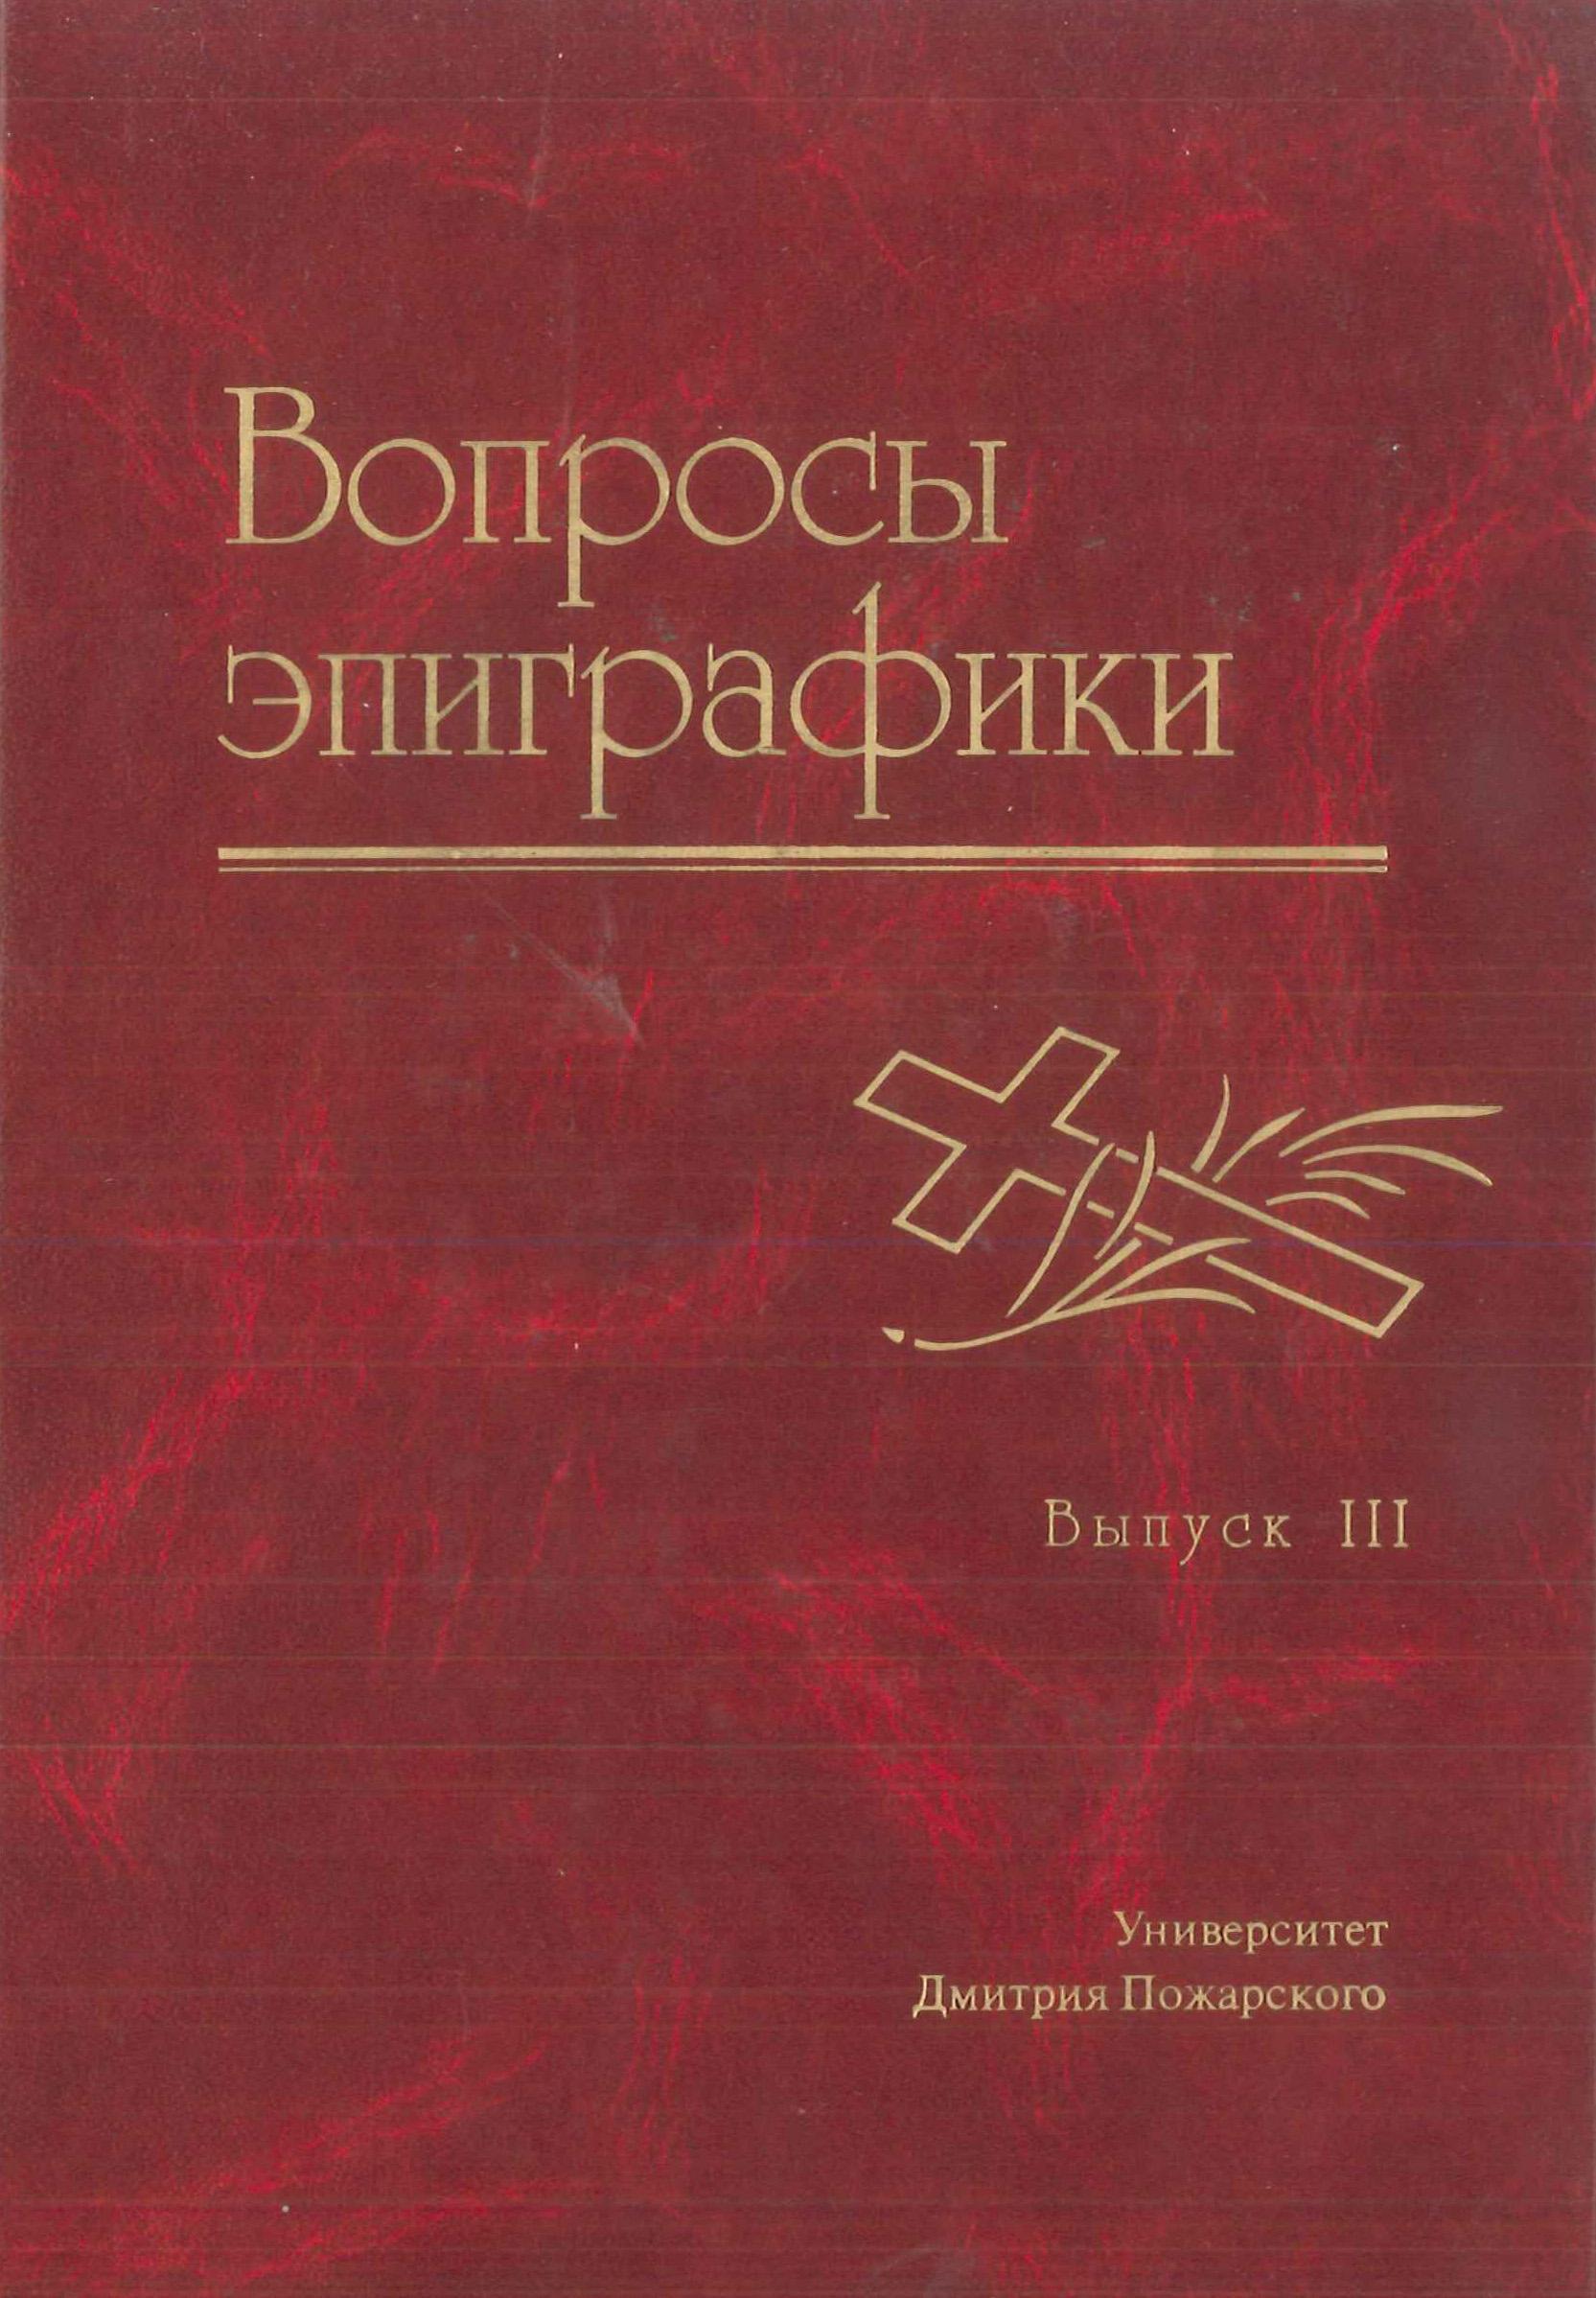 Вопросы эпиграфики. Выпуск III